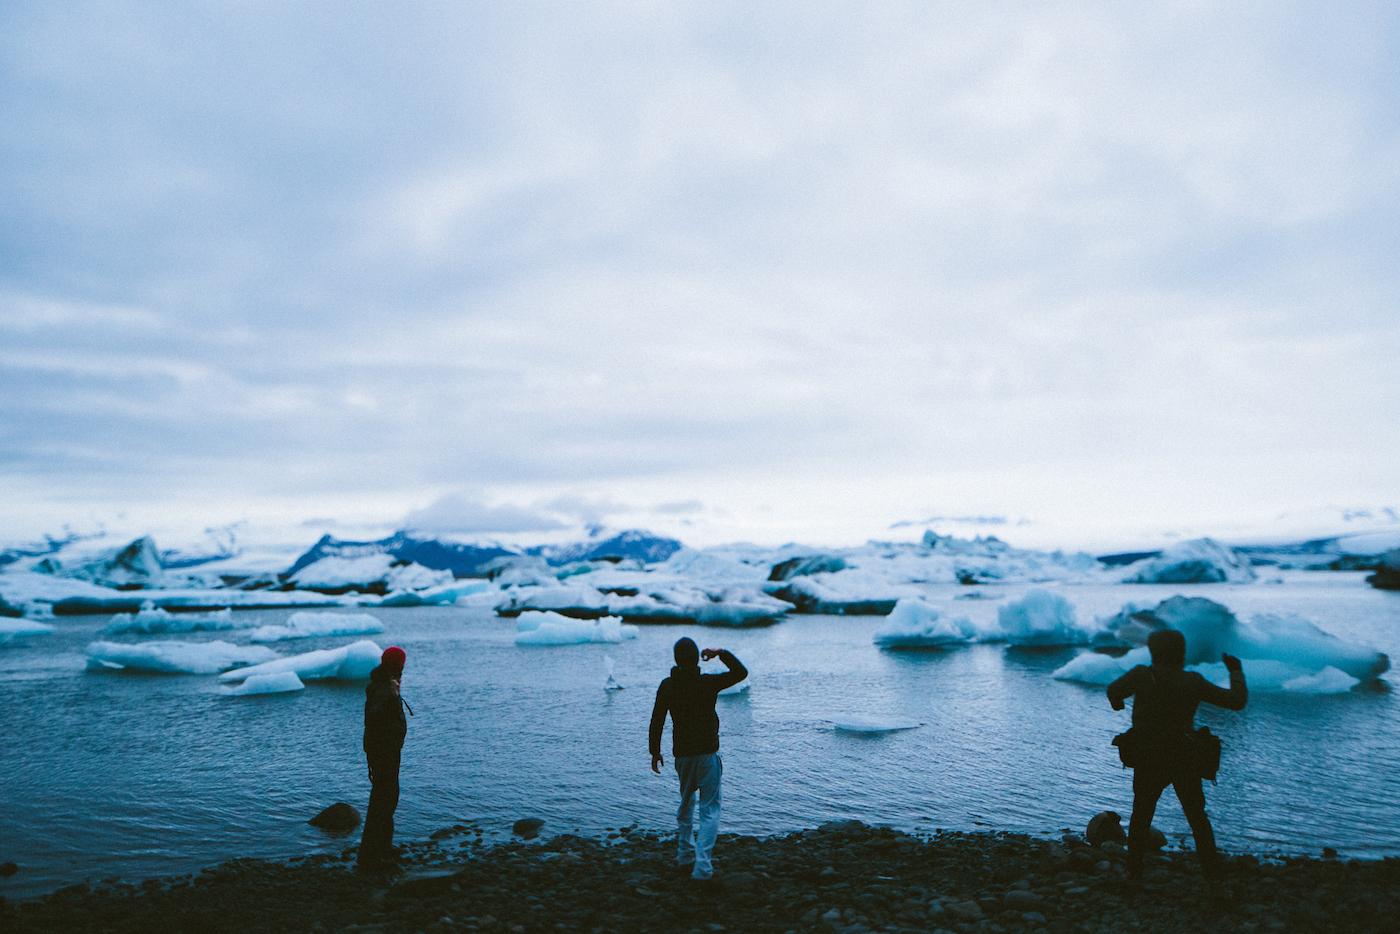 ICELAND-391-LA054183.jpg